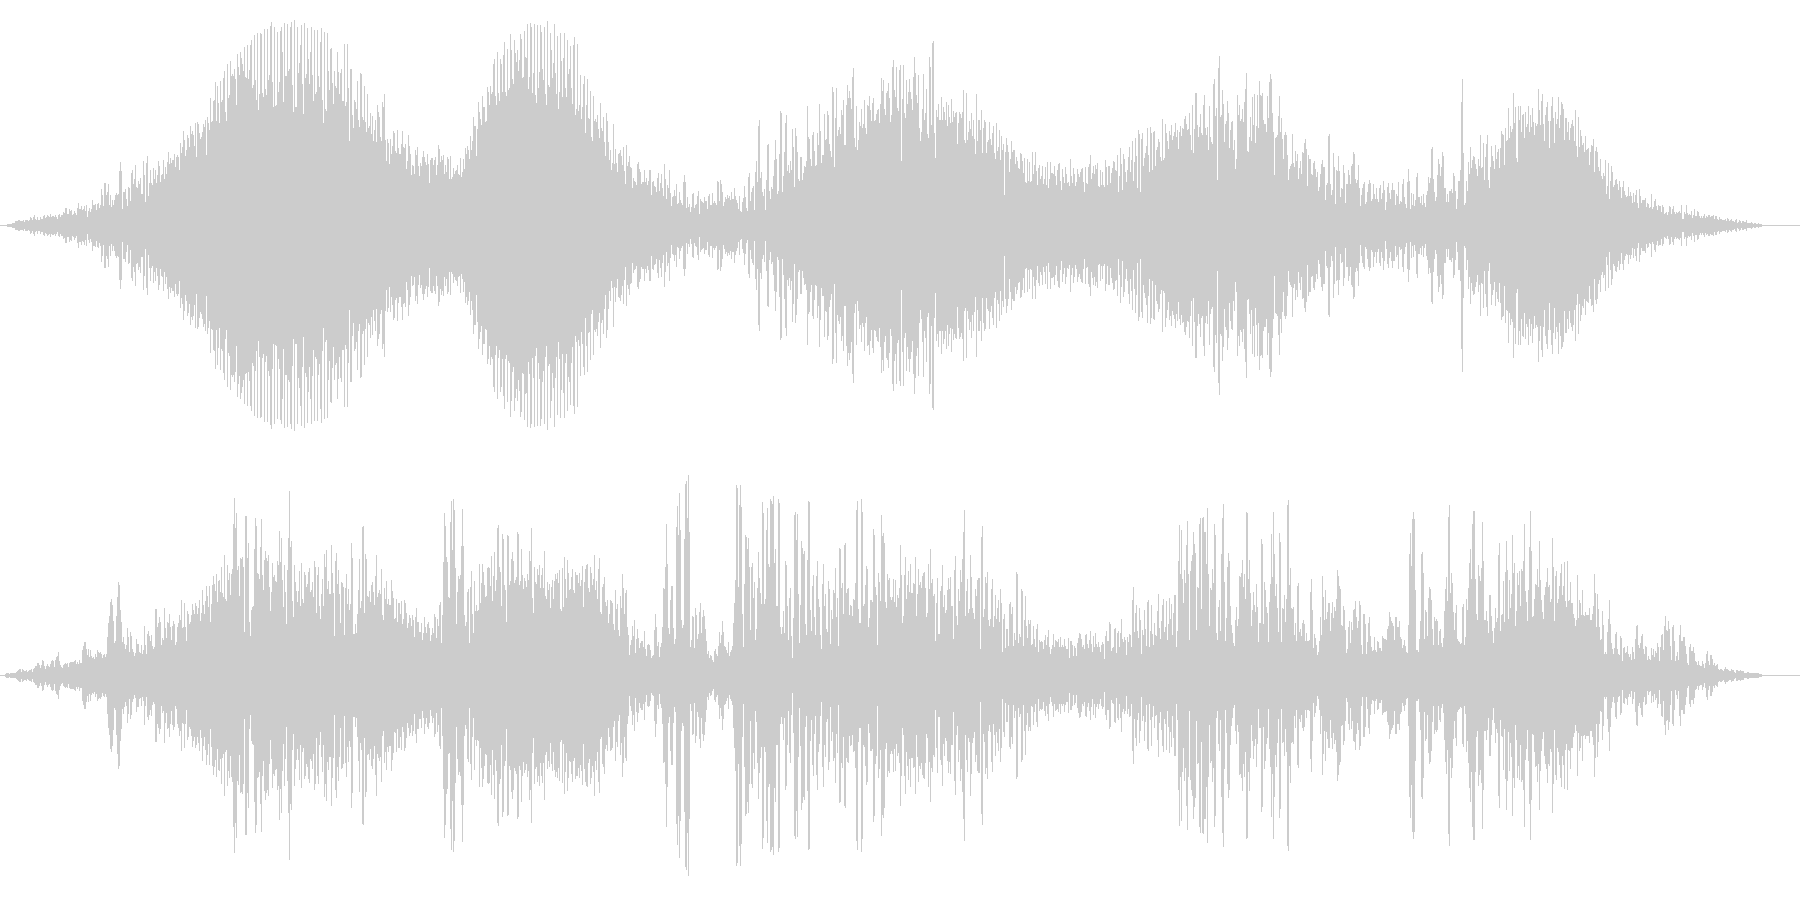 テレビ・ラジオのノイズの未再生の波形